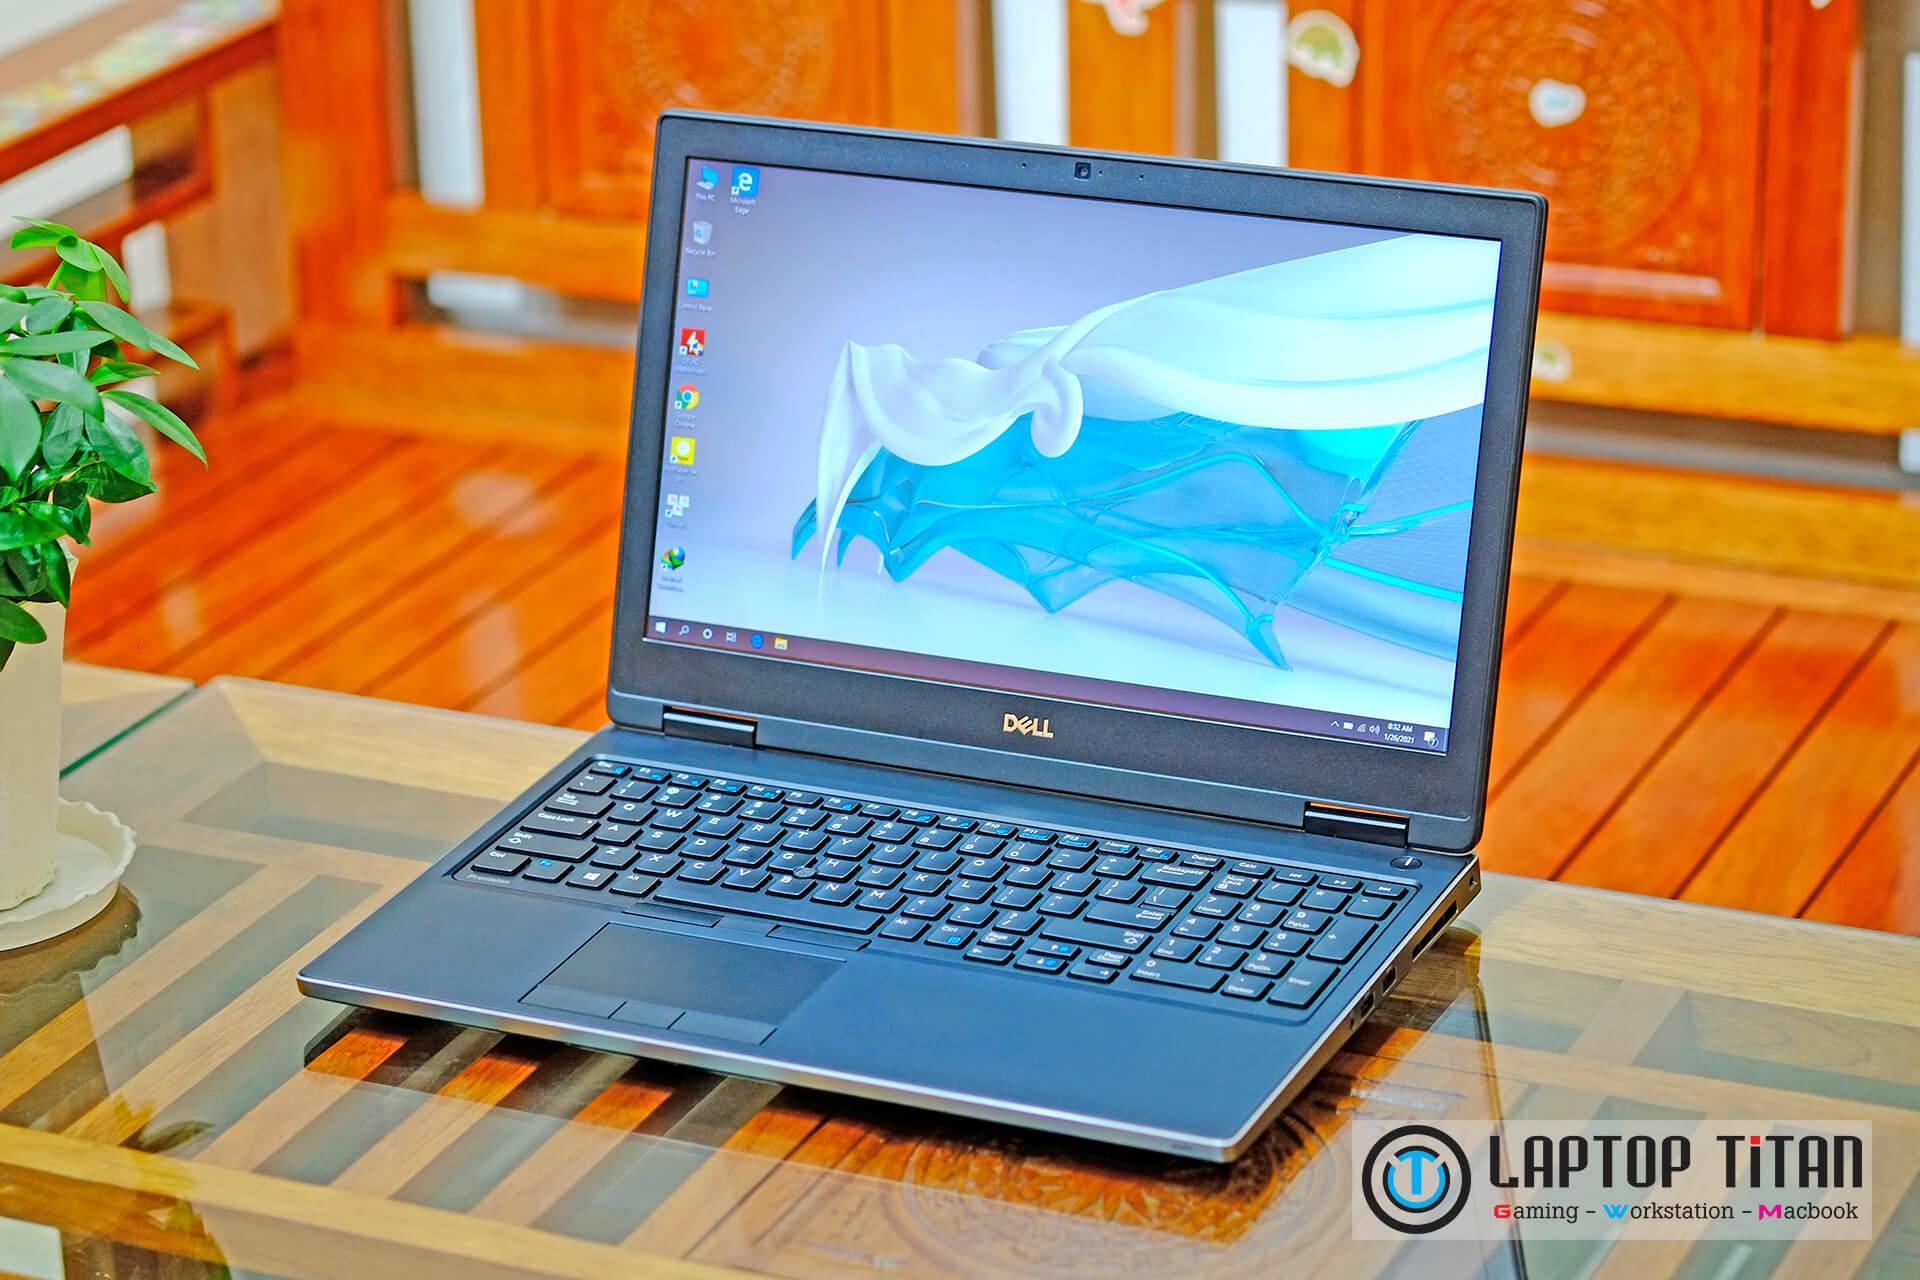 Dell Precision 7530 laptoptitan 04